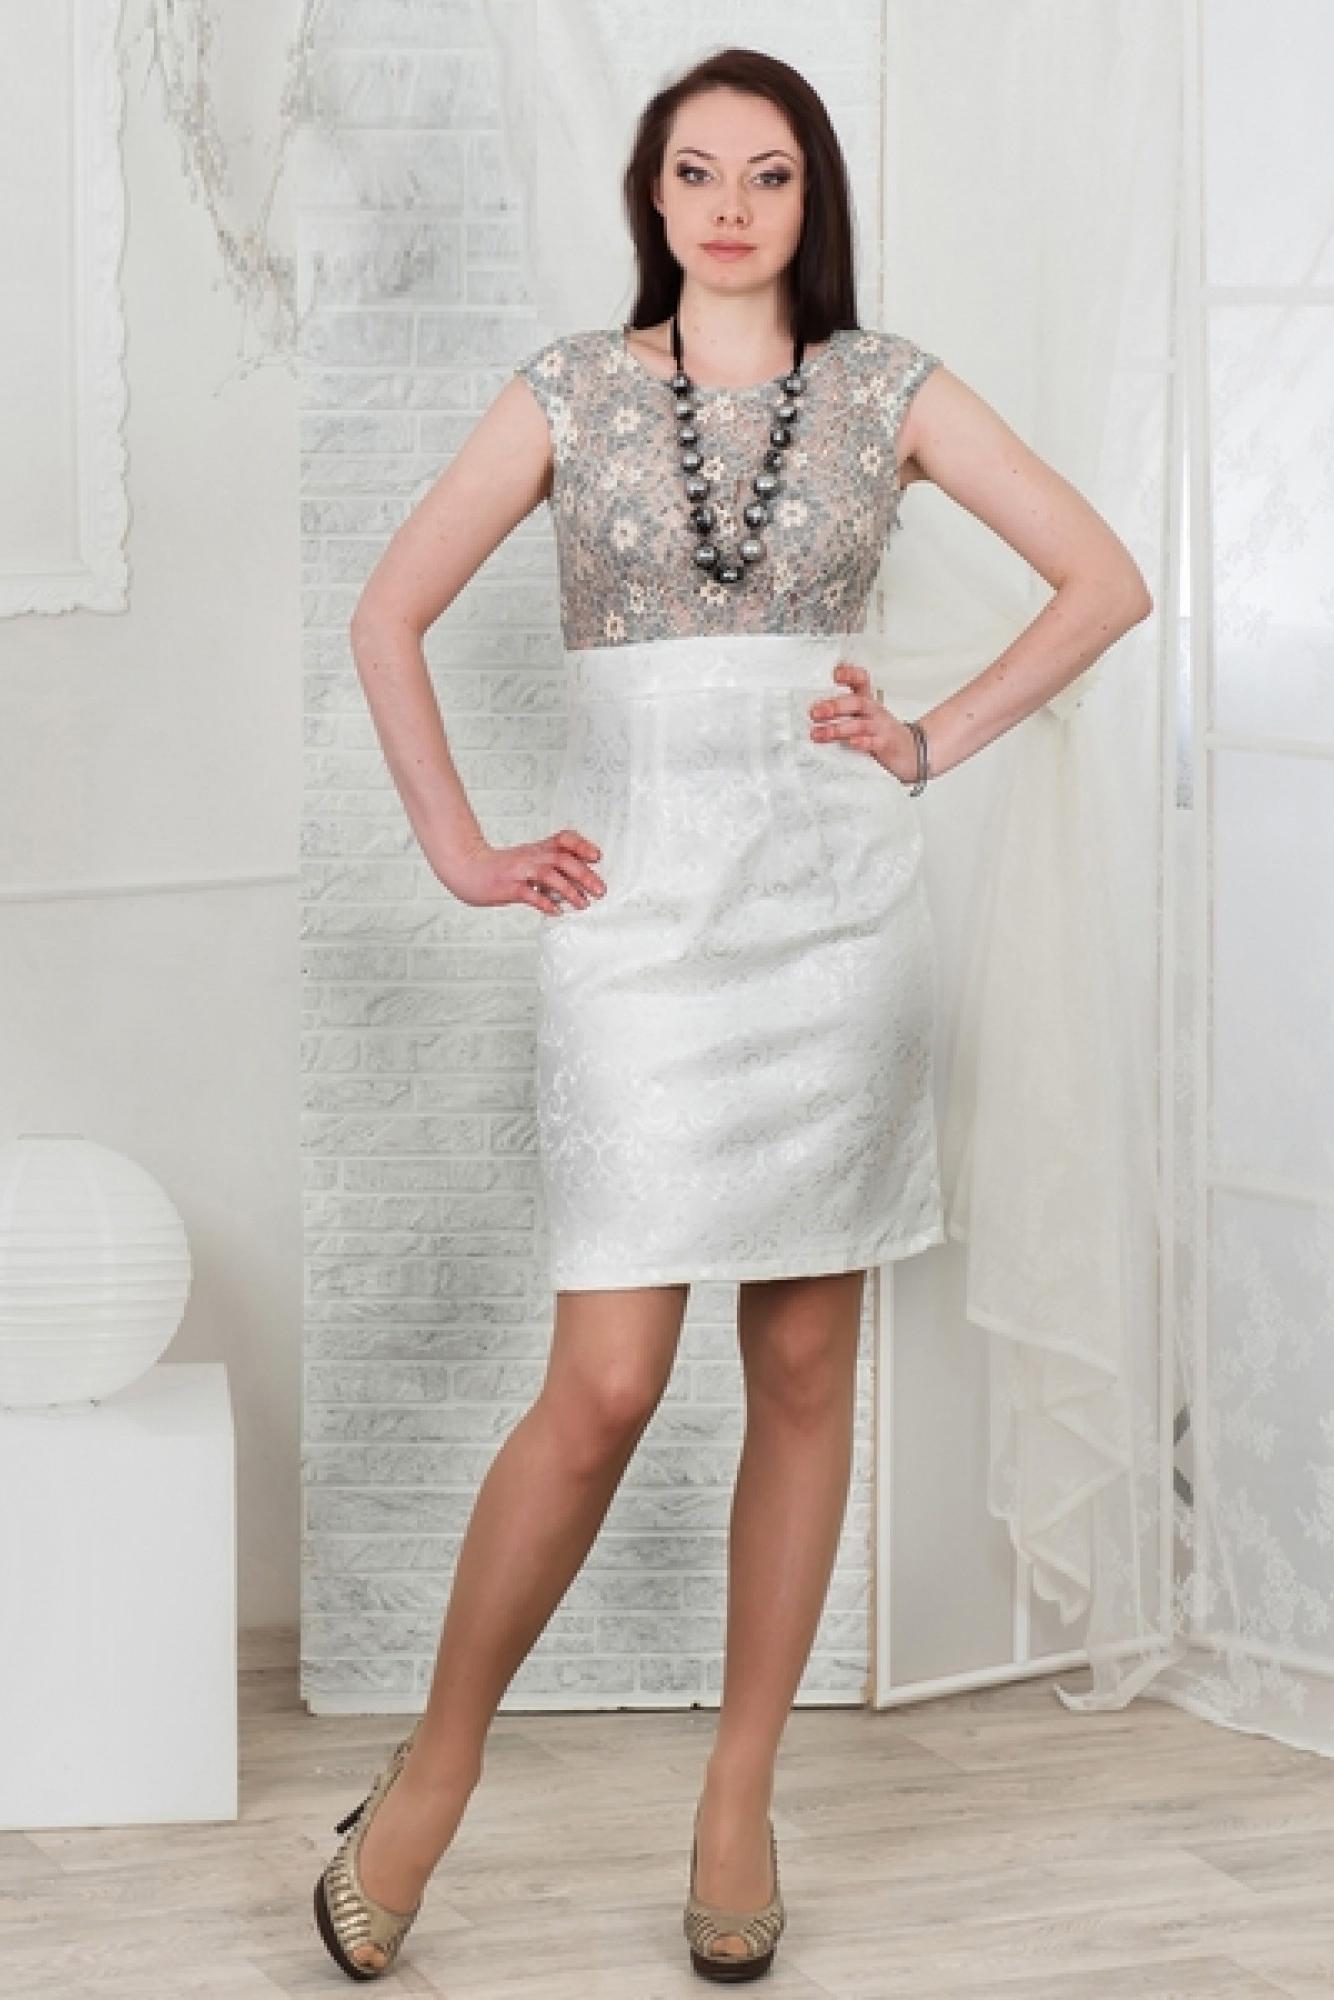 ПлатьеПлатья<br>Утонченная модель подчеркнет Вашу женственность. Безупречное сочетание - лиф из  меланжевого кружева на хлопковой основе и юбка из жаккардового хлопка - стрейч молочного цвета. Завышенная талия удлинит Ваши ноги.  Бусы в комплект не входят.  Цвет: бежевый, серый, молочный.  Длина излелия до 48 размера около 95 см Длина изделия от 50 размера около 100 см<br><br>Горловина: С- горловина<br>По длине: До колена<br>По материалу: Жаккард,Хлопок<br>По рисунку: Цветные,Растительные мотивы,С принтом,Цветочные<br>По сезону: Весна,Зима,Лето,Осень,Всесезон<br>По силуэту: Приталенные<br>По стилю: Нарядный стиль,Повседневный стиль,Летний стиль<br>По форме: Платье - футляр<br>По элементам: С декором,С завышенной талией,С разрезом<br>Разрез: Шлица<br>Рукав: Без рукавов<br>Размер : 46,48,50,52,54<br>Материал: Жаккард<br>Количество в наличии: 10